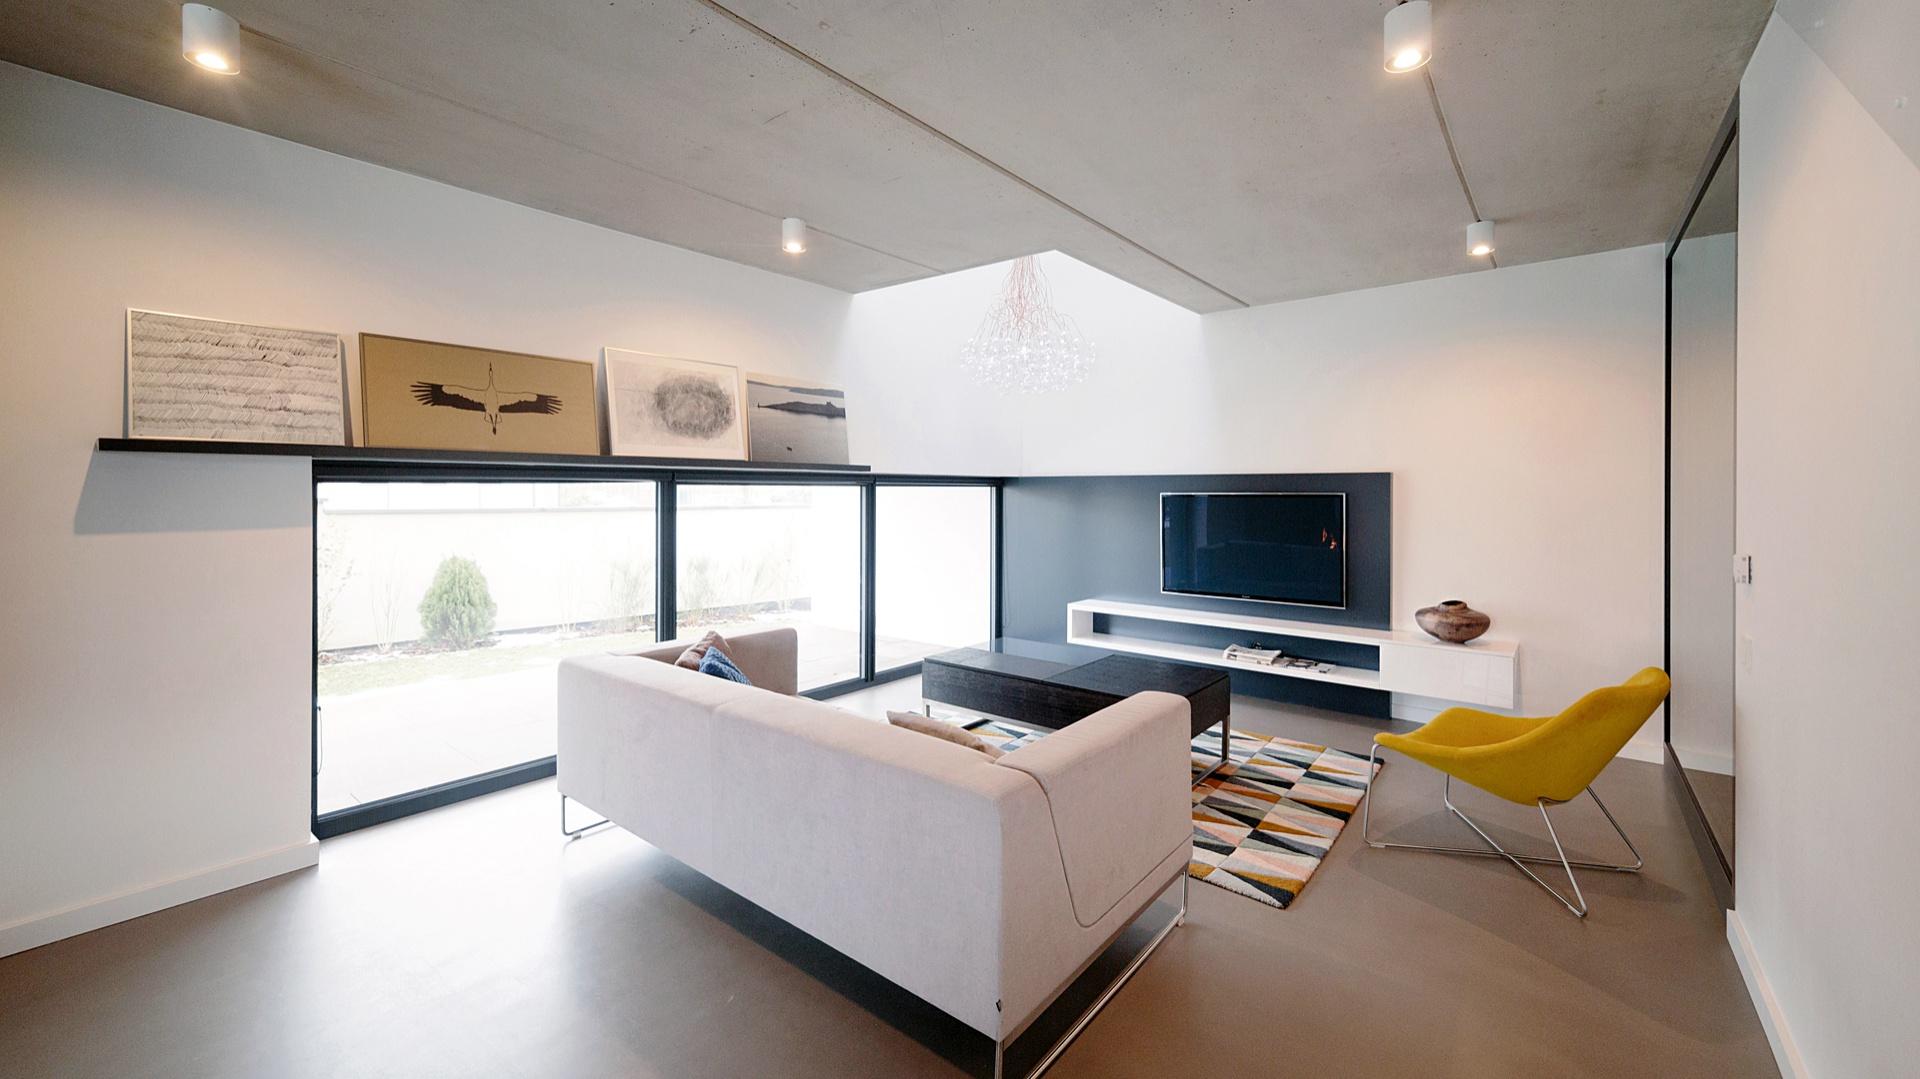 Dom został zaprojektowany dla czteroosobowej rodziny. Jego mieszkańcy to ludzie ceniący wygodę i wysoką jakość materiałów. Lubią otaczać się niebanalnymi przedmiotami, dobrze czują się w oszczędnej stylistyce. Wnętrze podzielone jest na strefy, które przenikają się, tworząc spójną przyjazną przestrzeń. Realizacja: Kamil Salanyk, BASK grupa projektowa. Fot. Archiconnect.pl